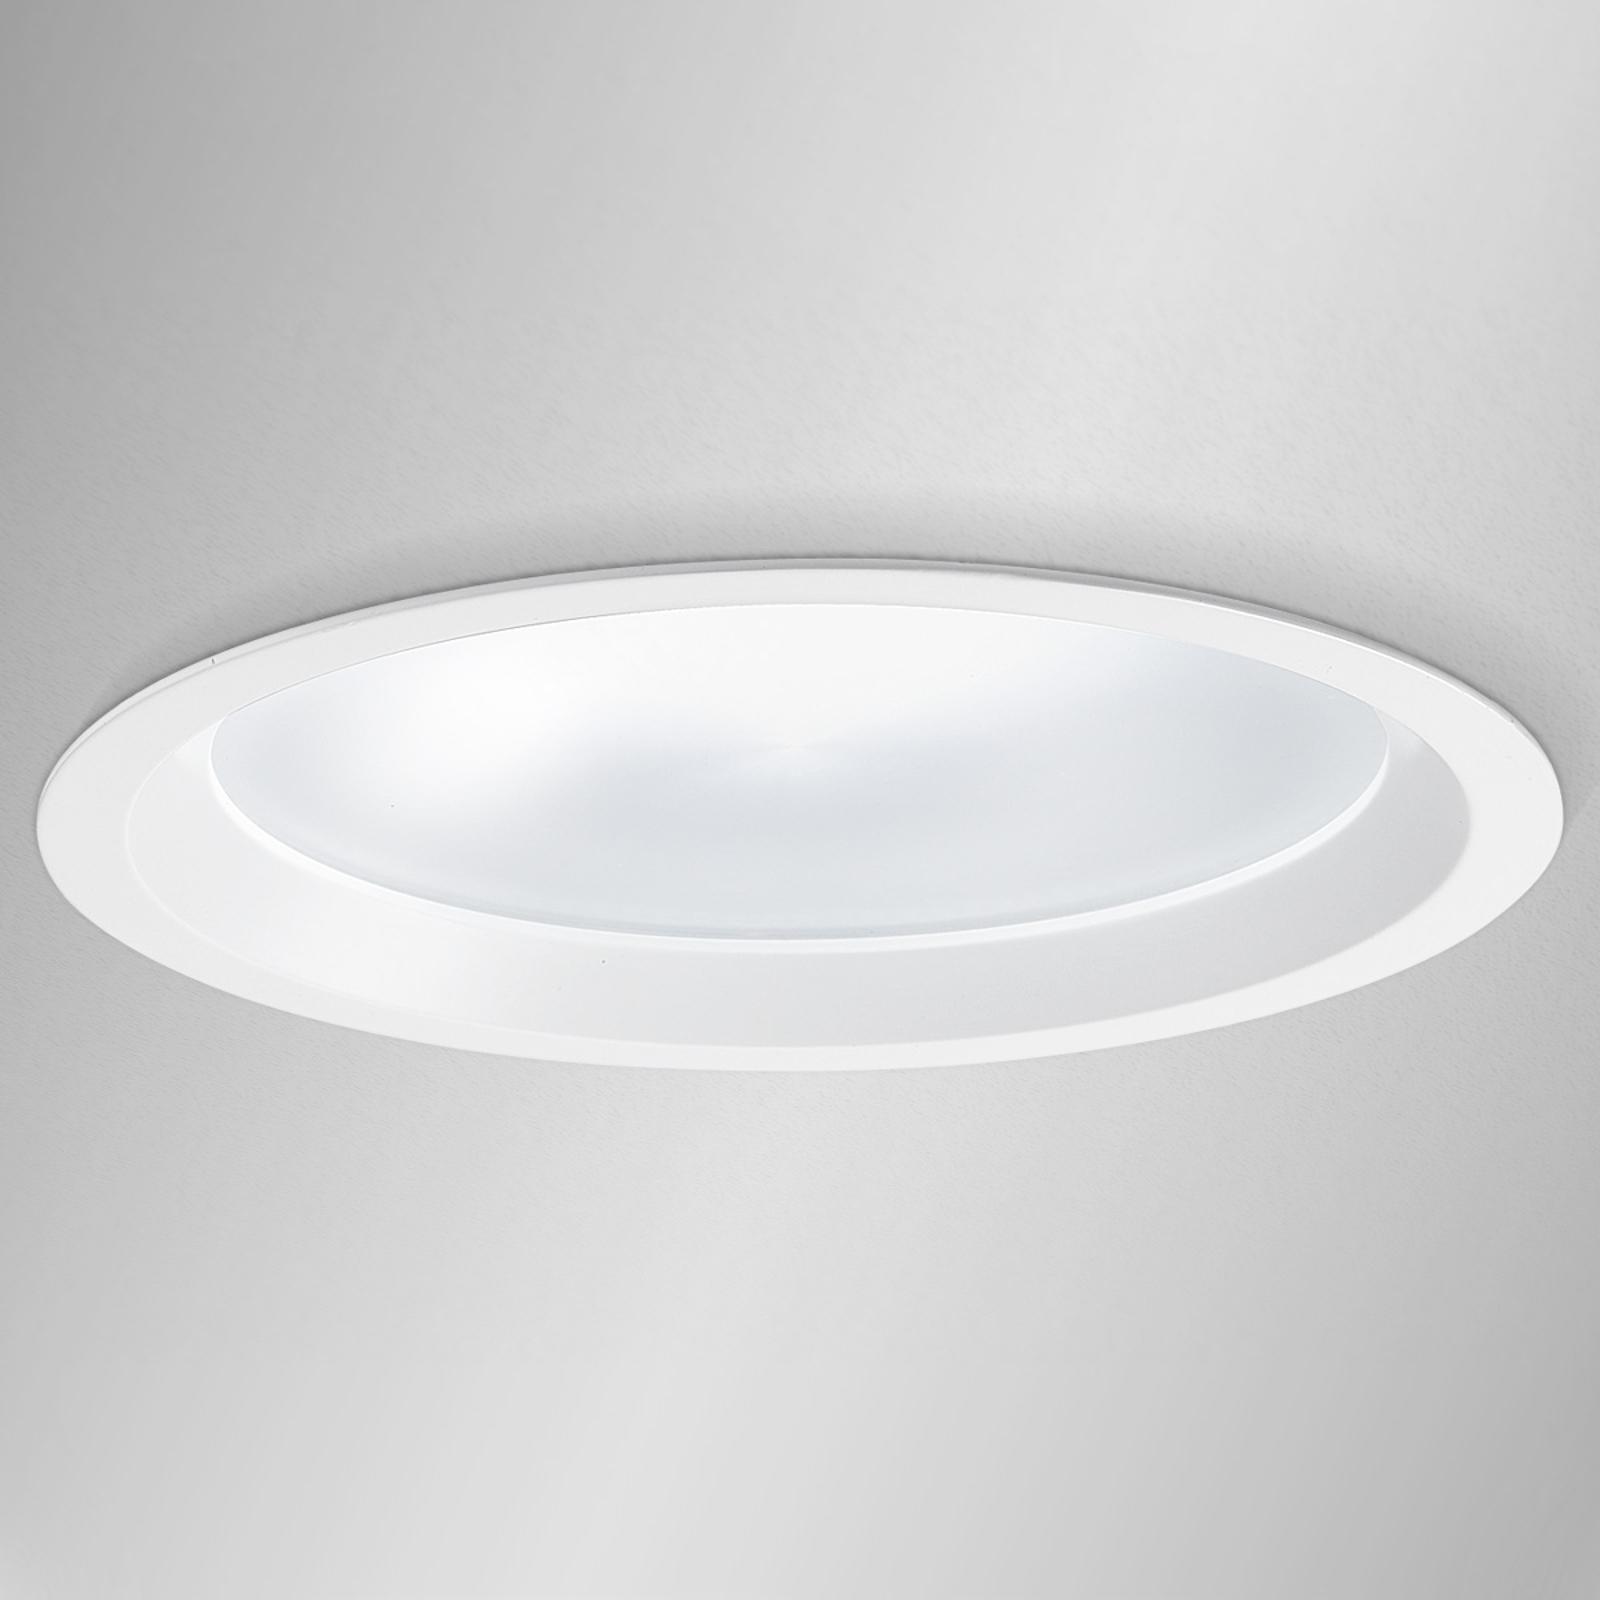 Strato 230 LED-indbygningsdownlight diameter 23 cm